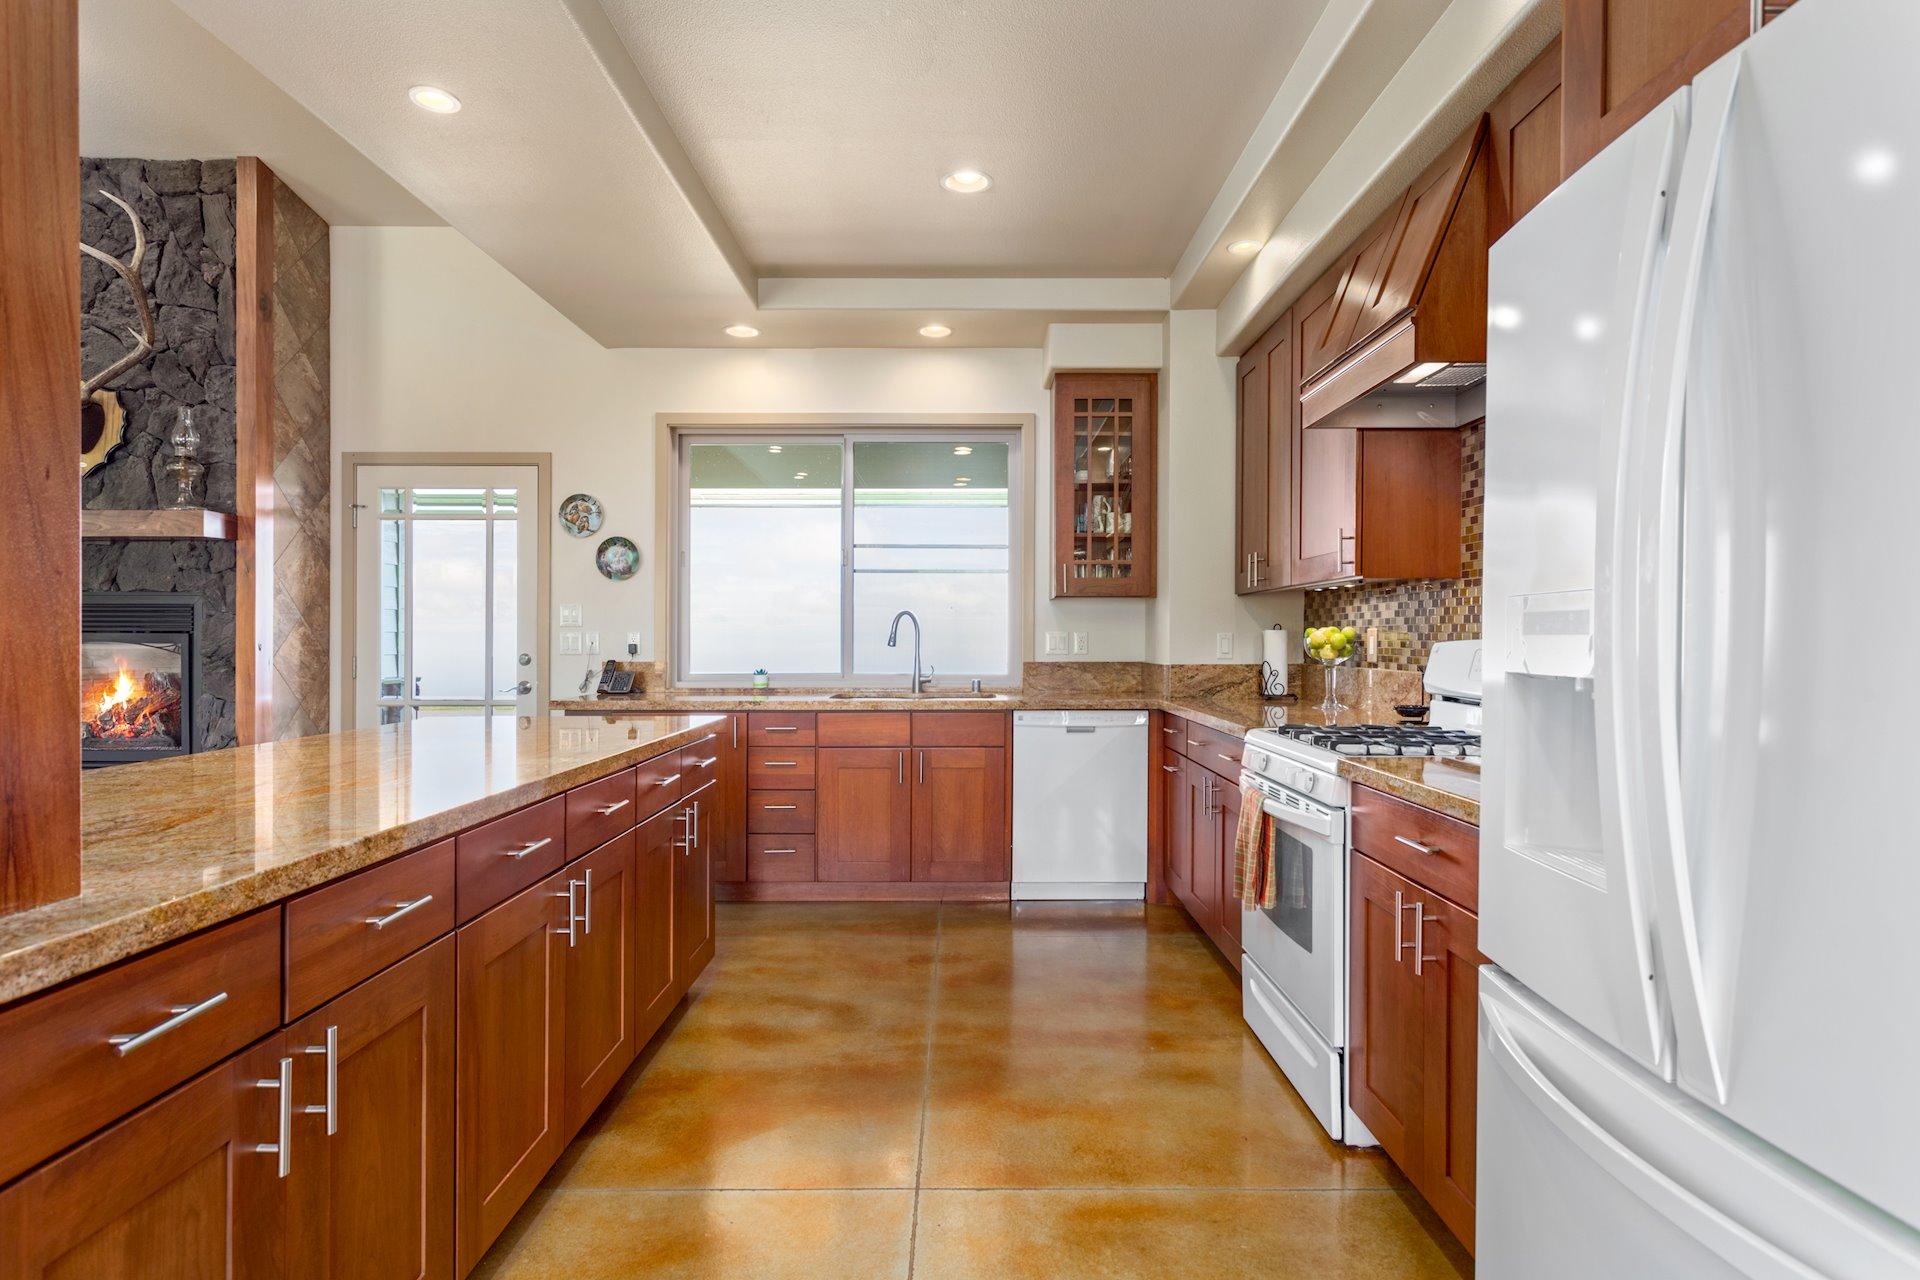 Modern kitchen with pass through window to the lanai